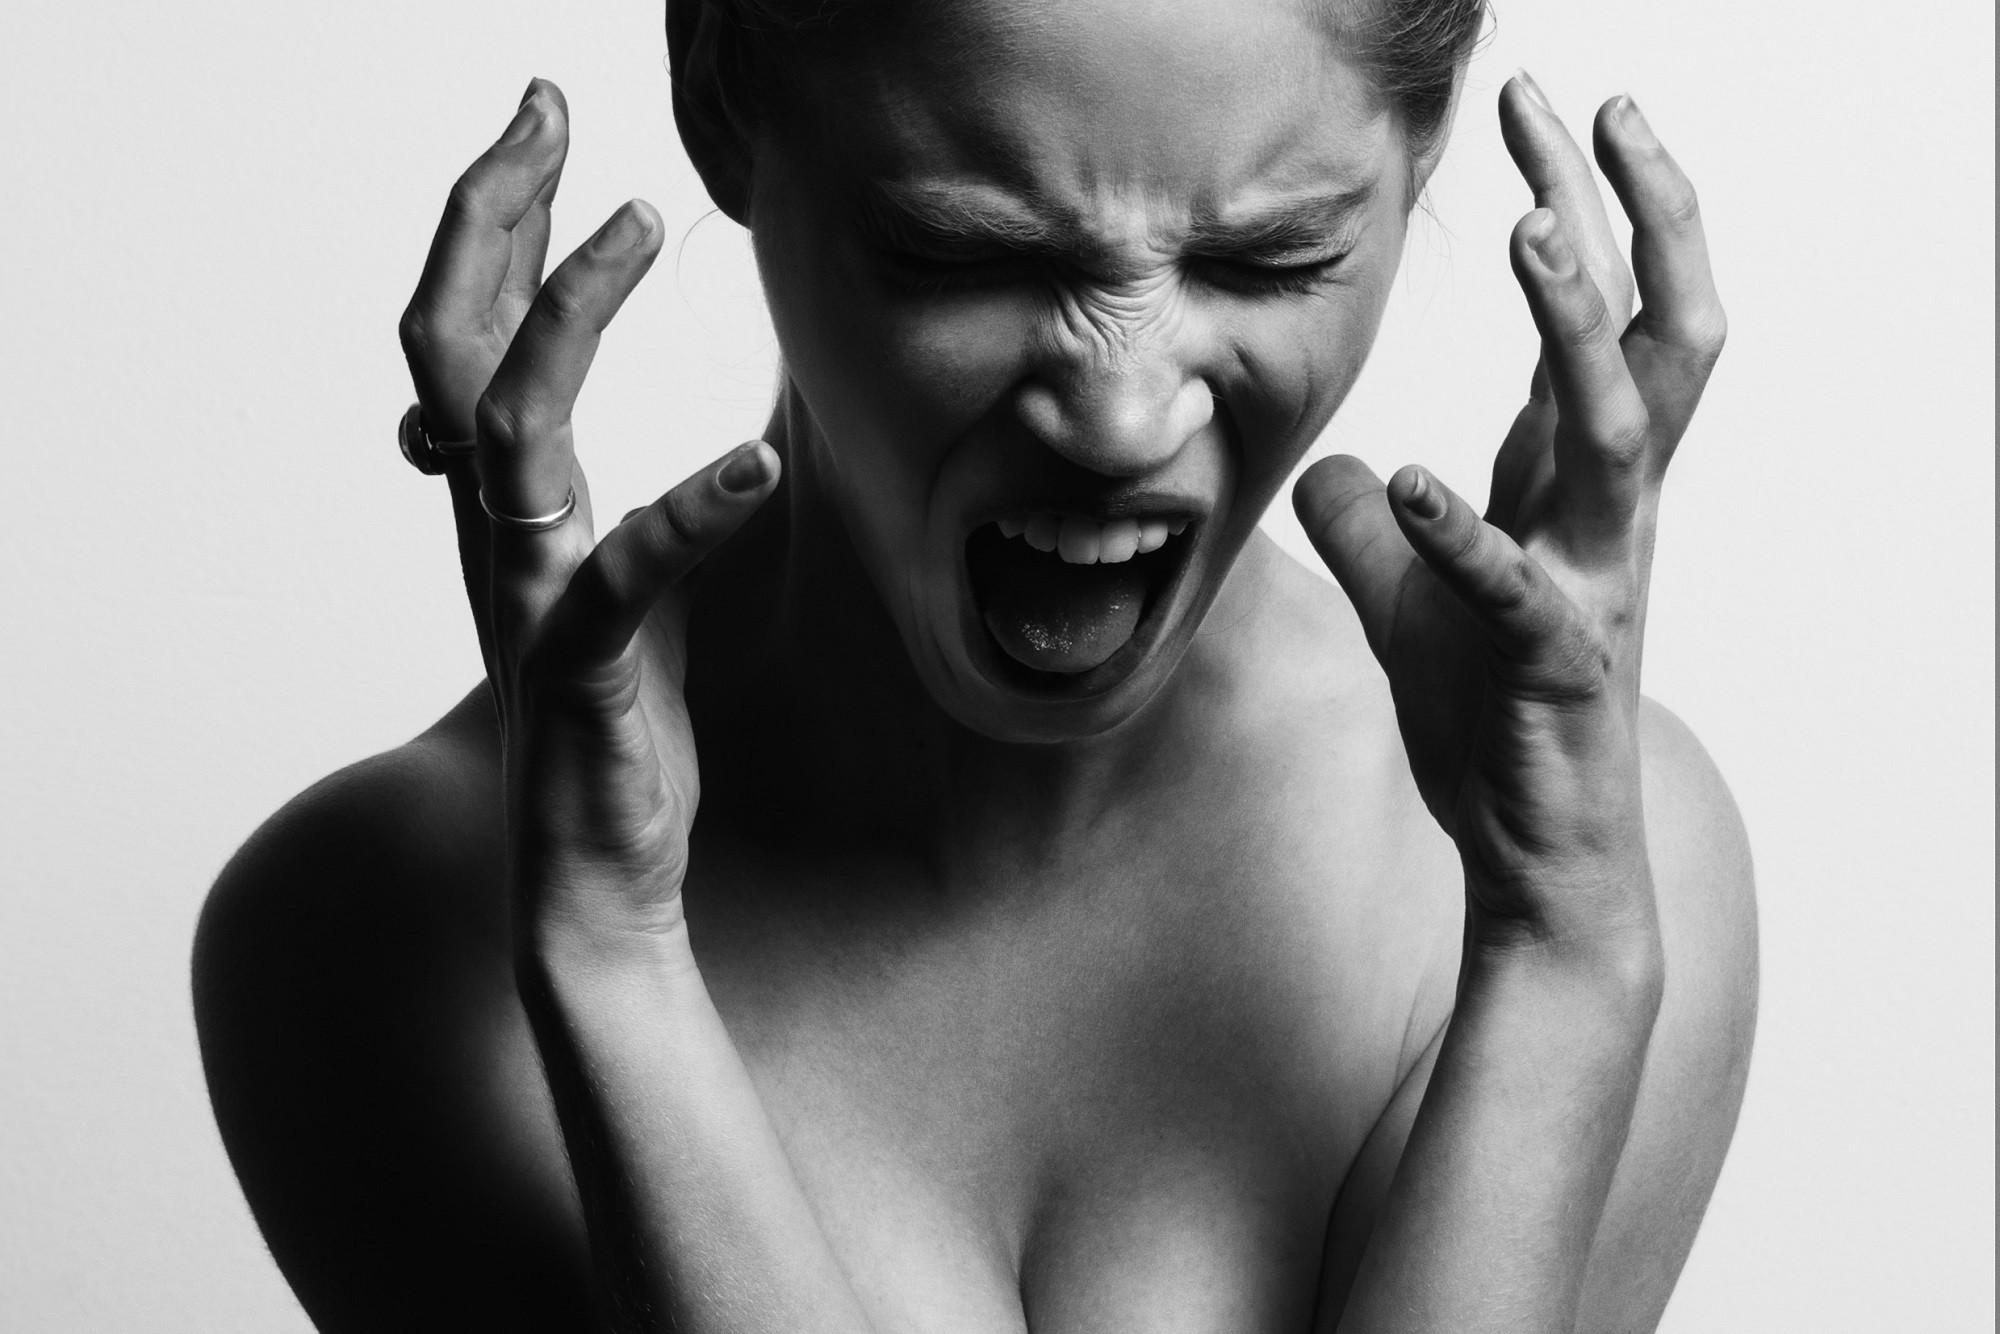 Los síndromes mentales no deben ser causa de estigmatización